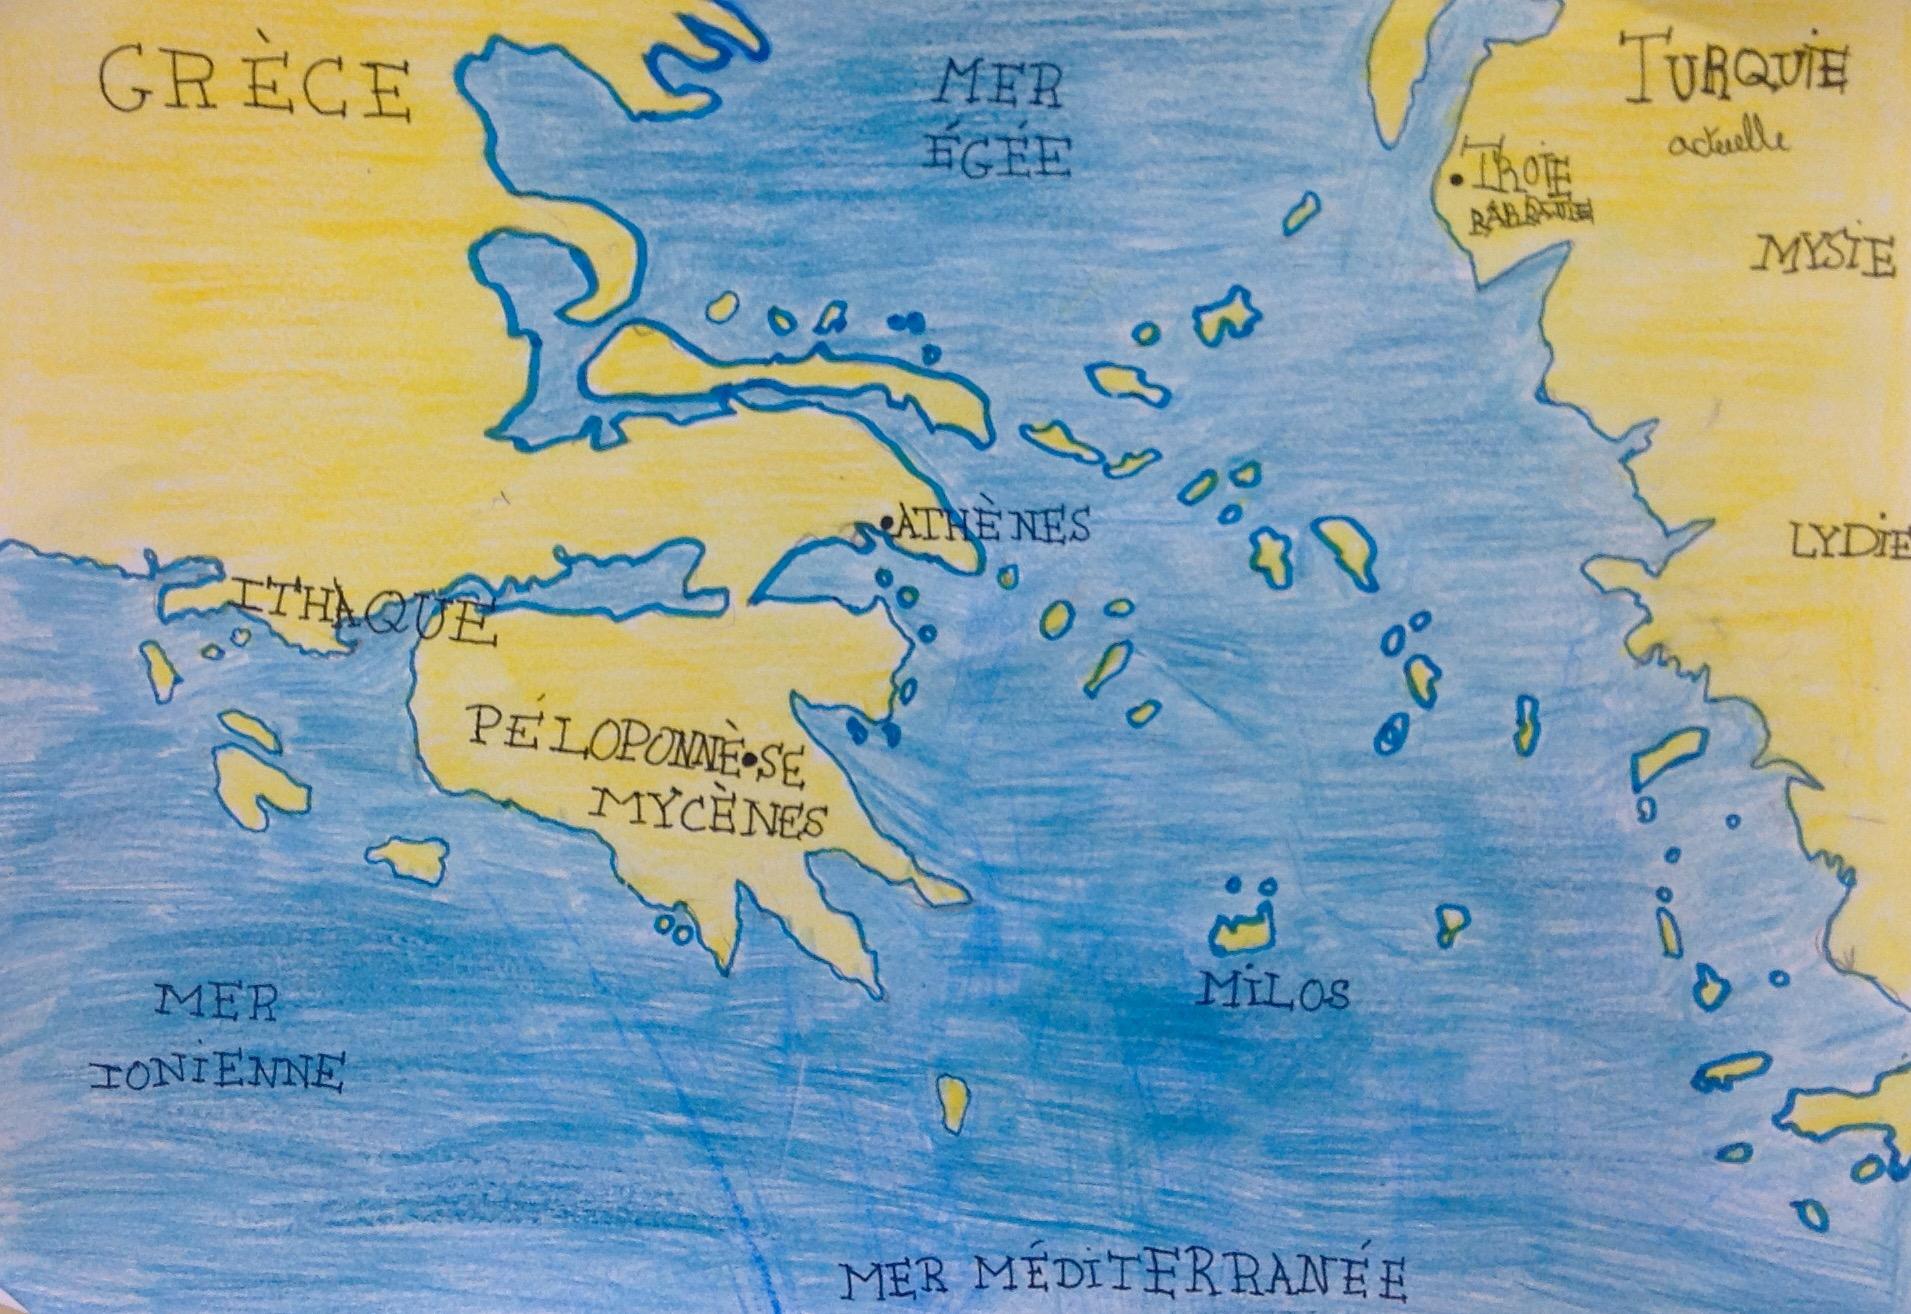 Carte situent la guerre de Troie